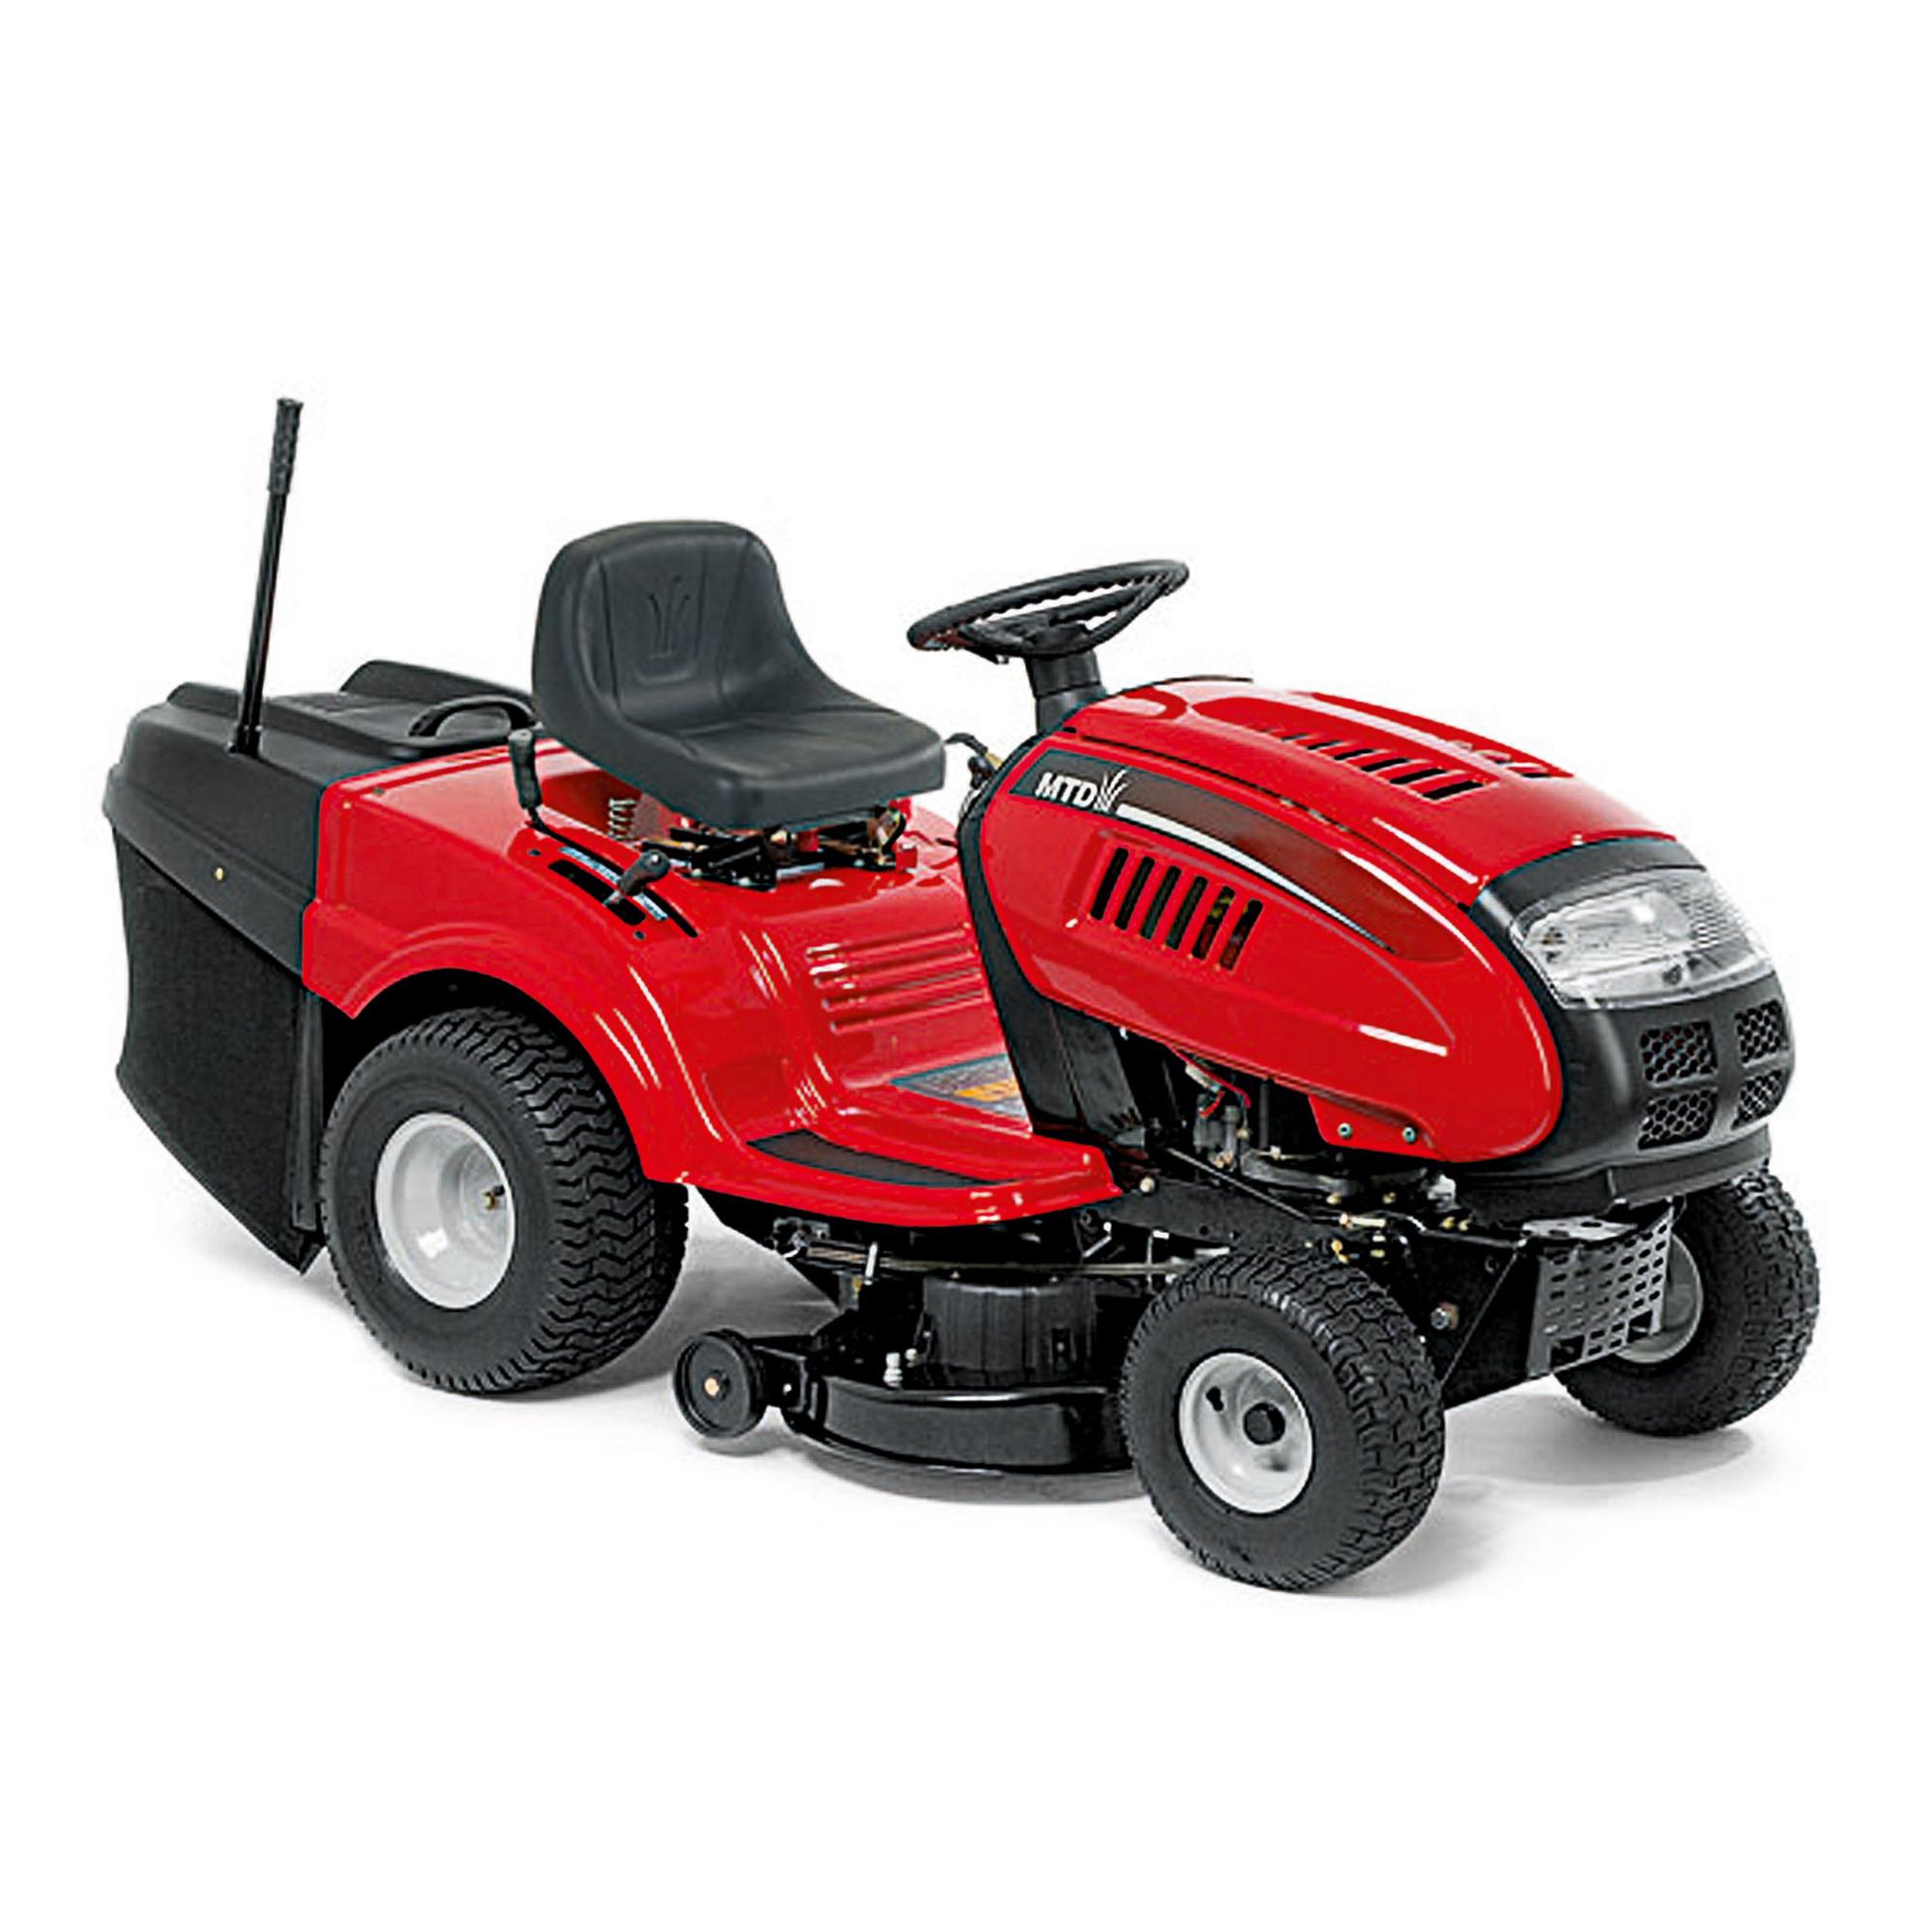 Трактор садовый, цена 2 279 руб., купить в Москве   Tiu.ru.